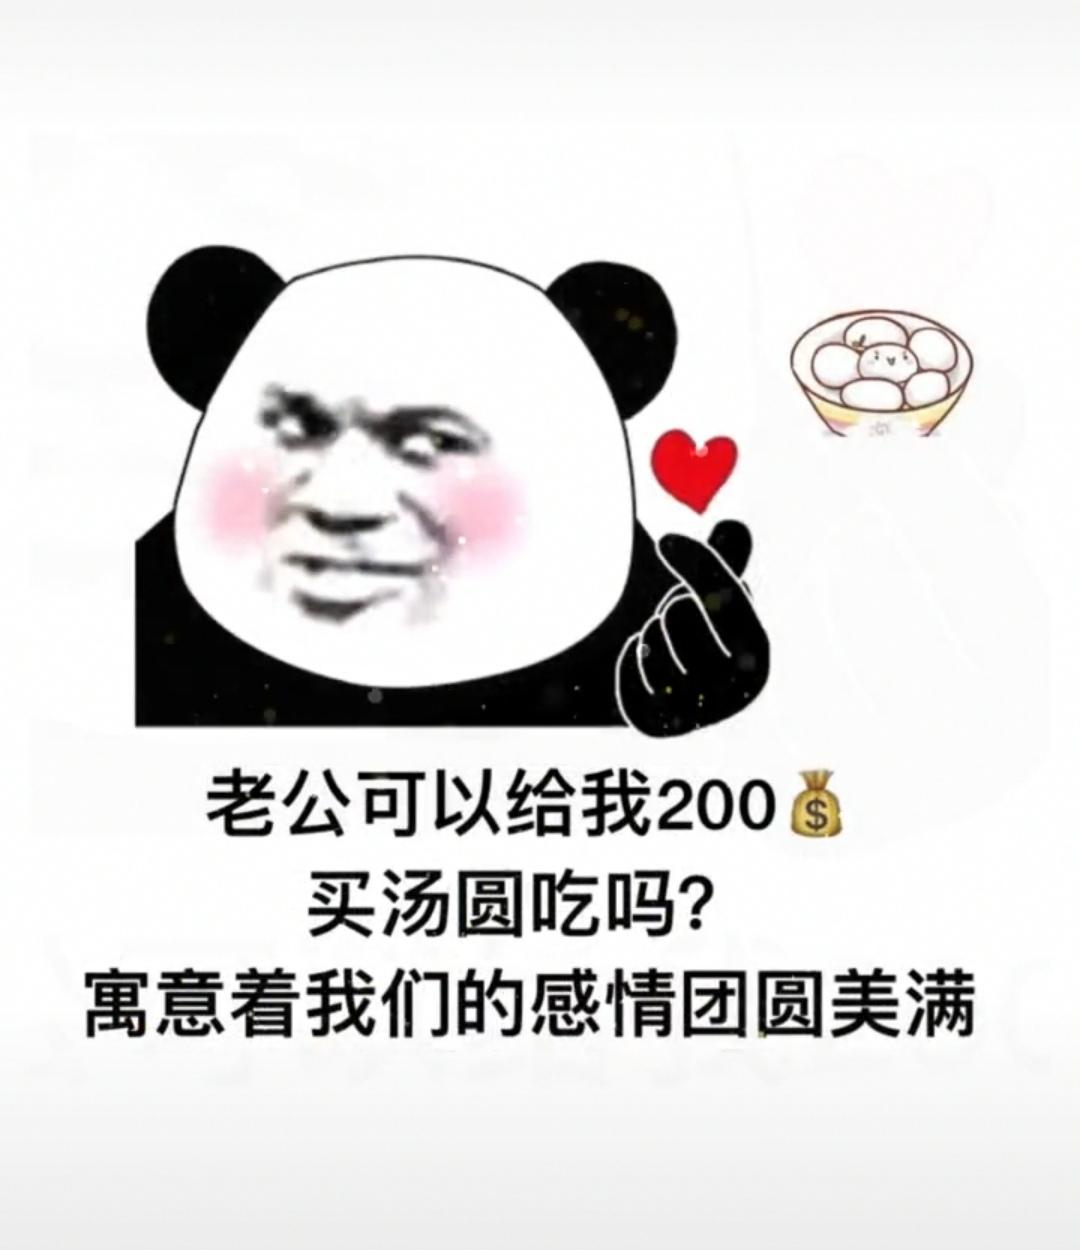 抖音老公可以给我200买汤圆吃吗表情包图片截图0